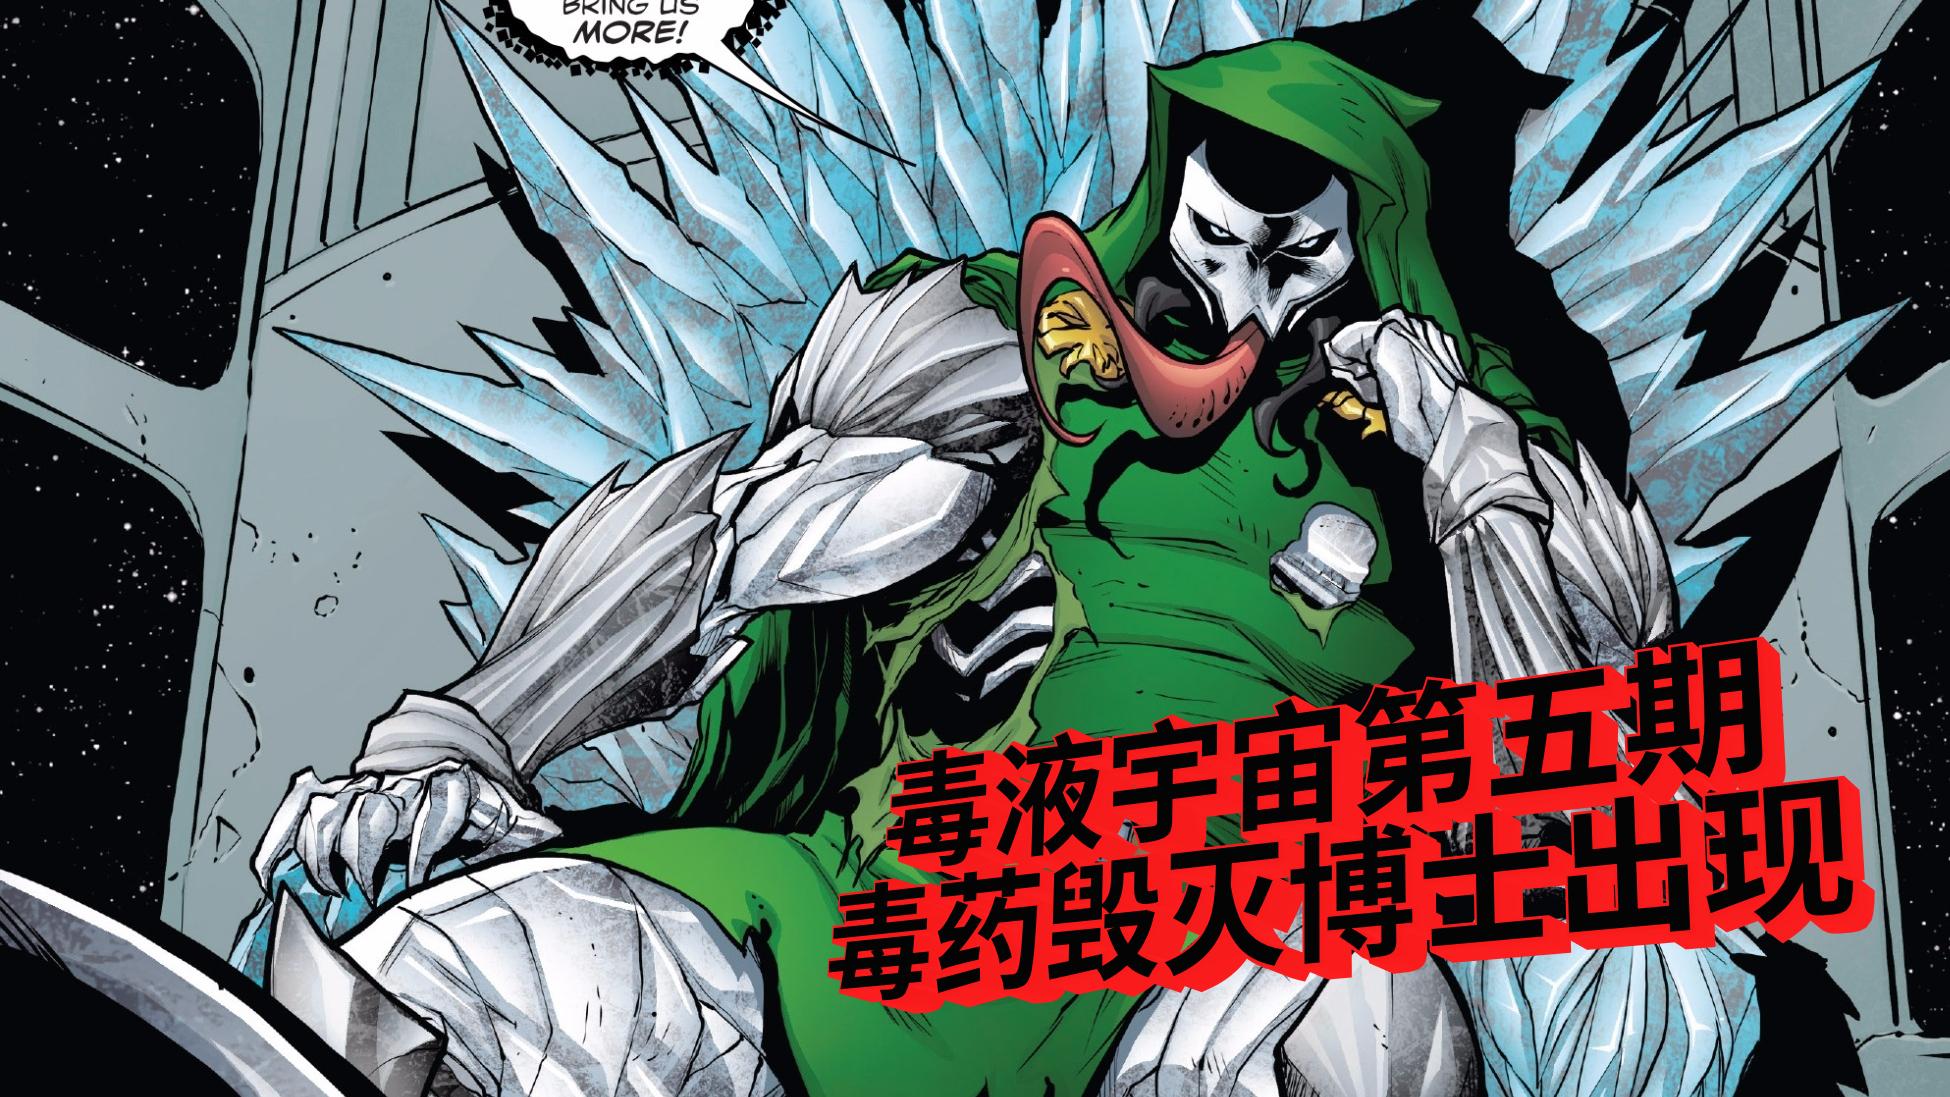 【毒液宇宙】第五期 美队阵亡,死侍叛变,情况危急